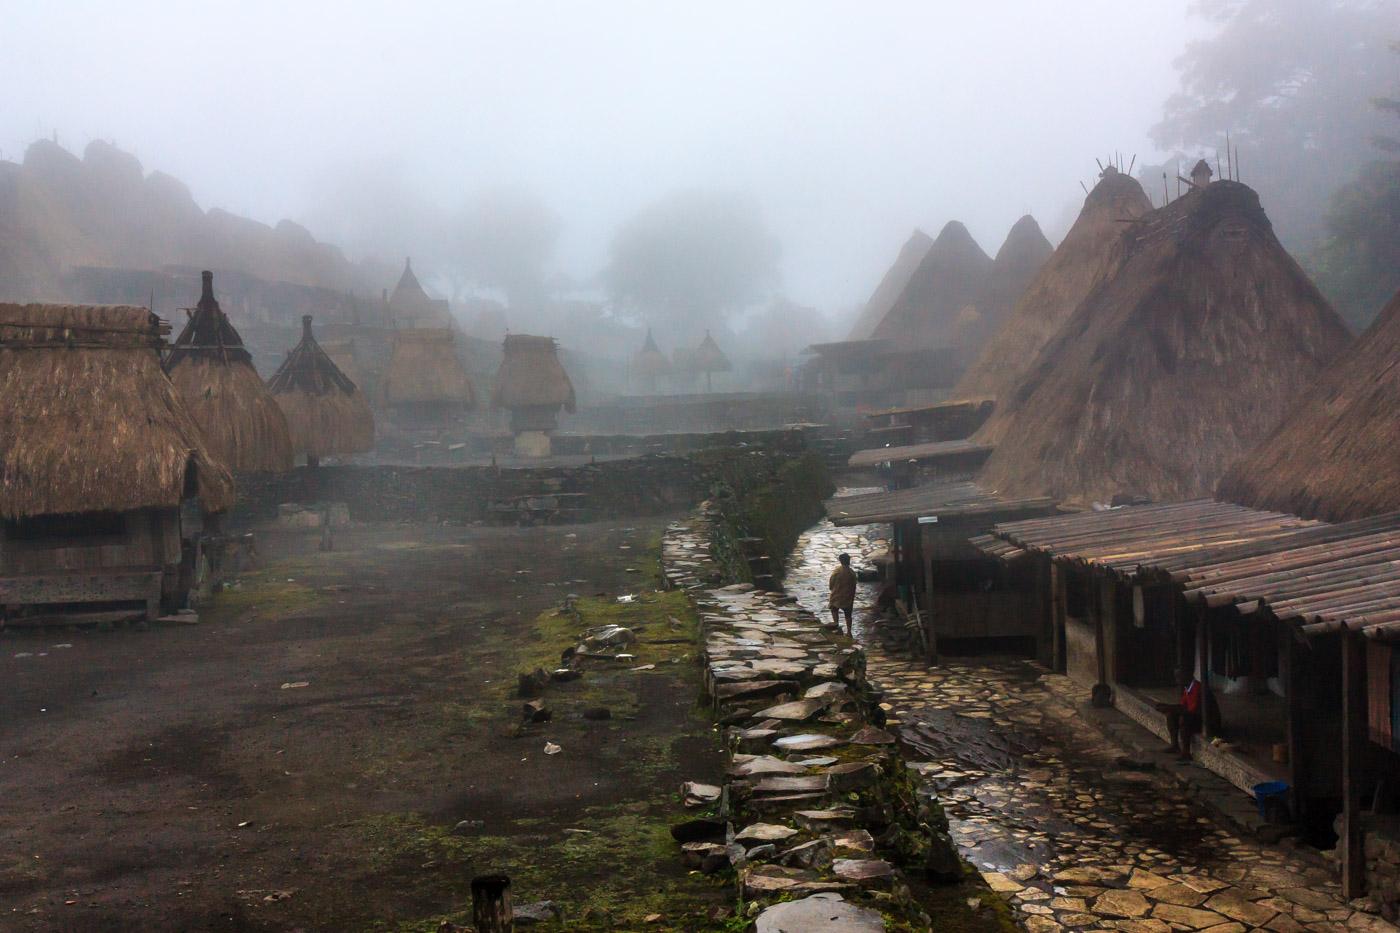 Bena village in the fog.